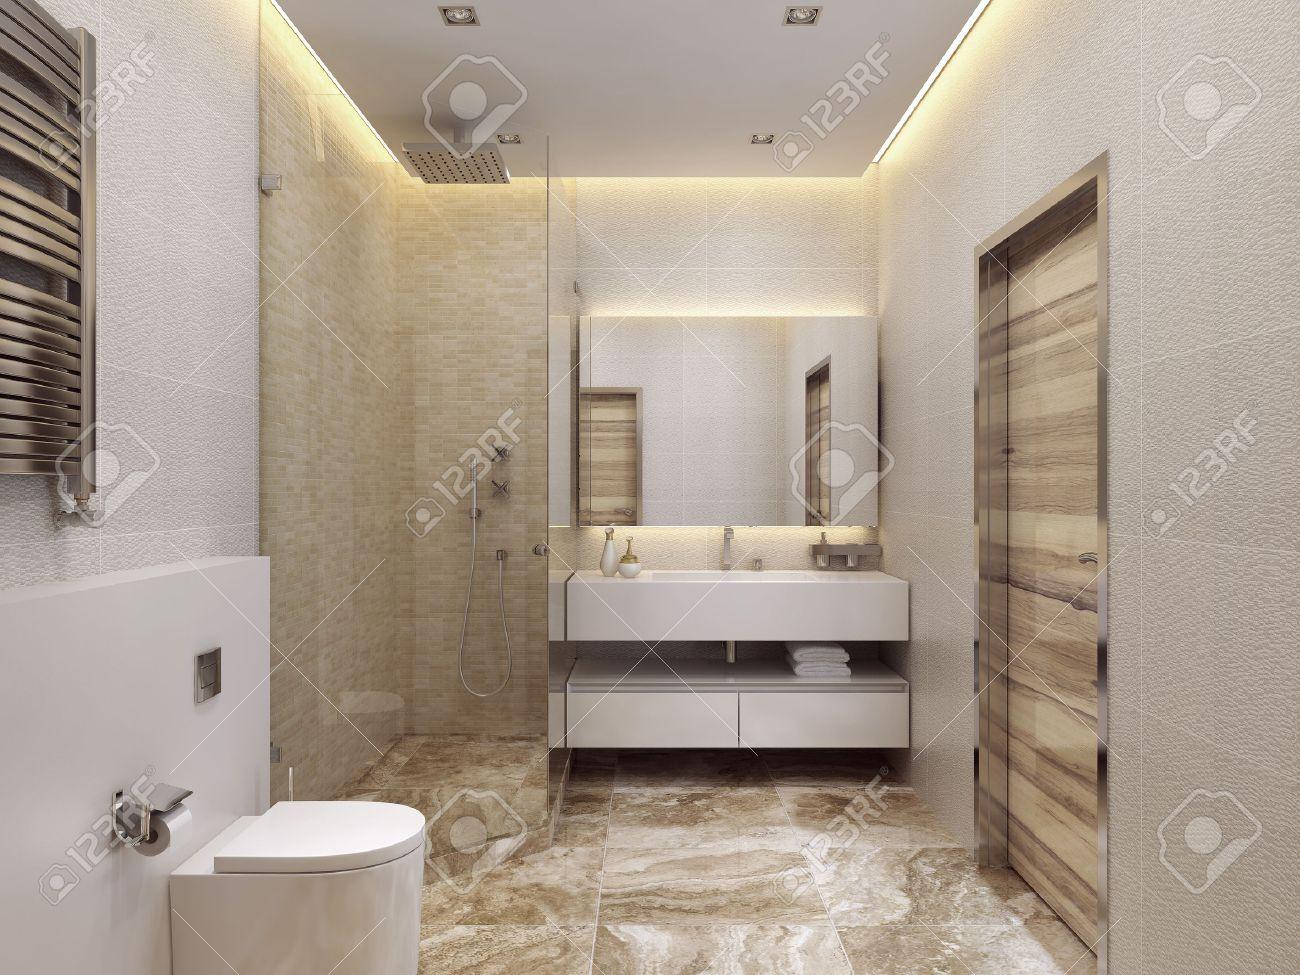 Diseñar Baños De Estilo Contemporáneo. Ducha Y WC. El Amarillo ...